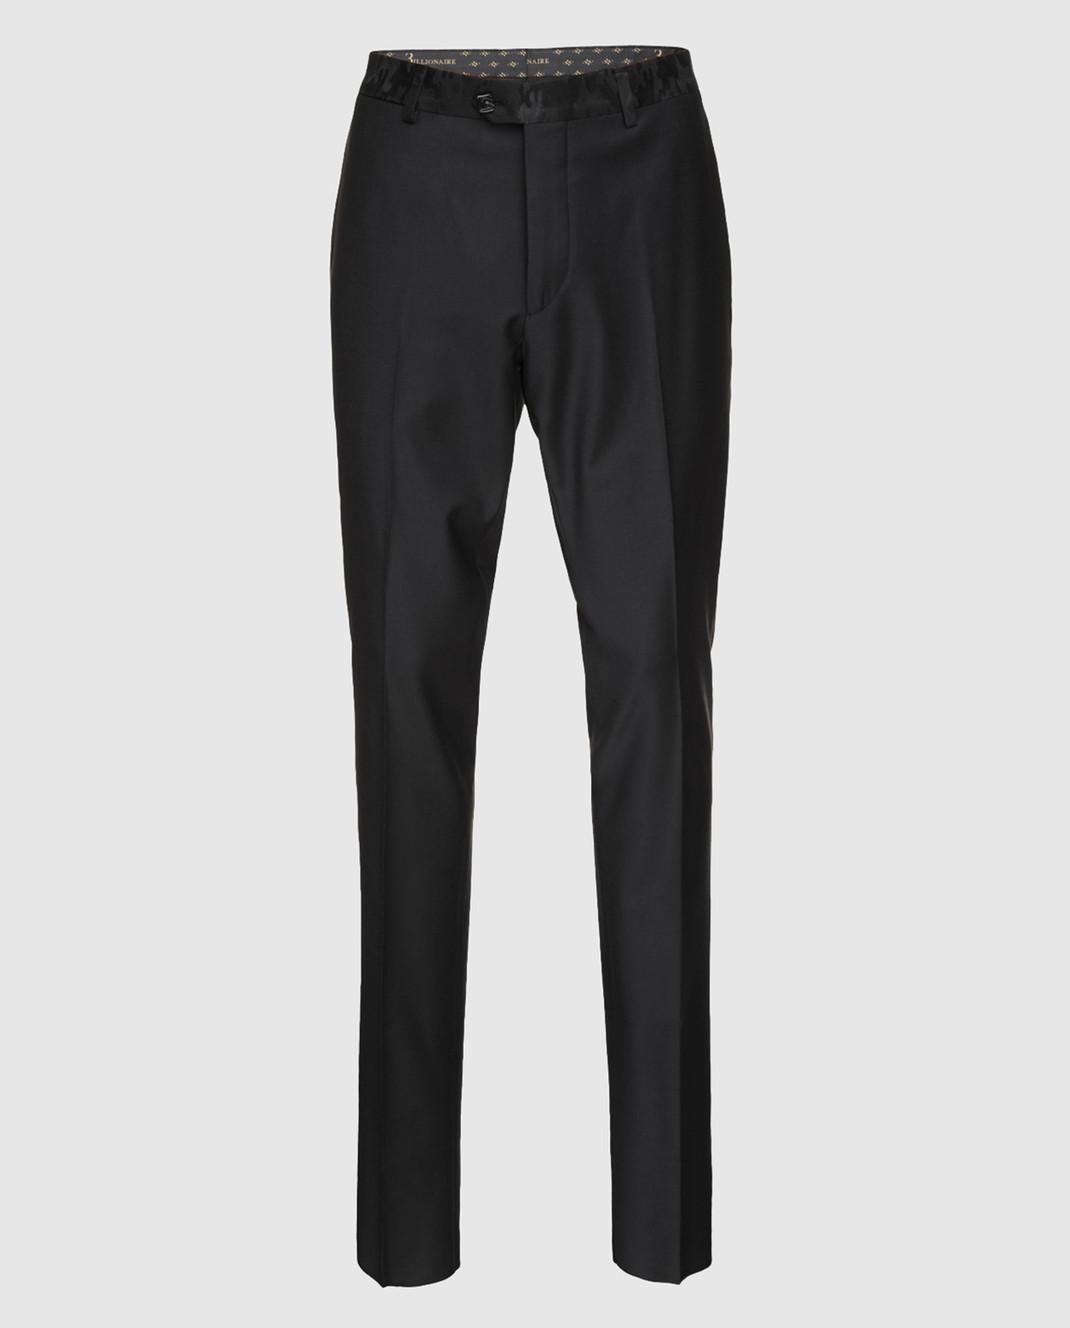 Billionaire Черные брюки изображение 1